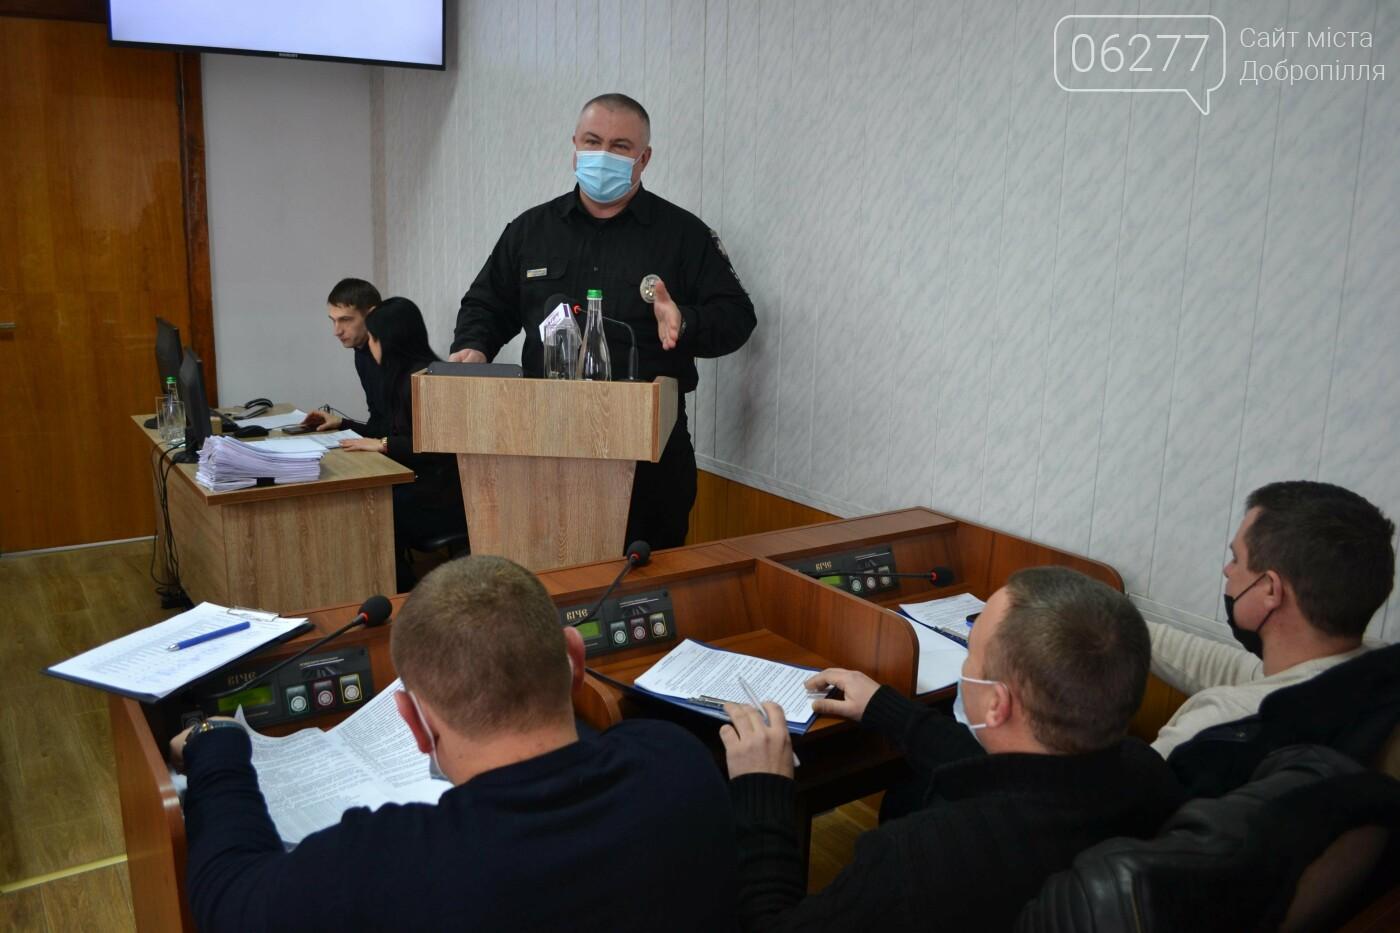 Андрей Аксёнов: Мы обязаны оперативно реагировать на все обращения горожан, фото-4